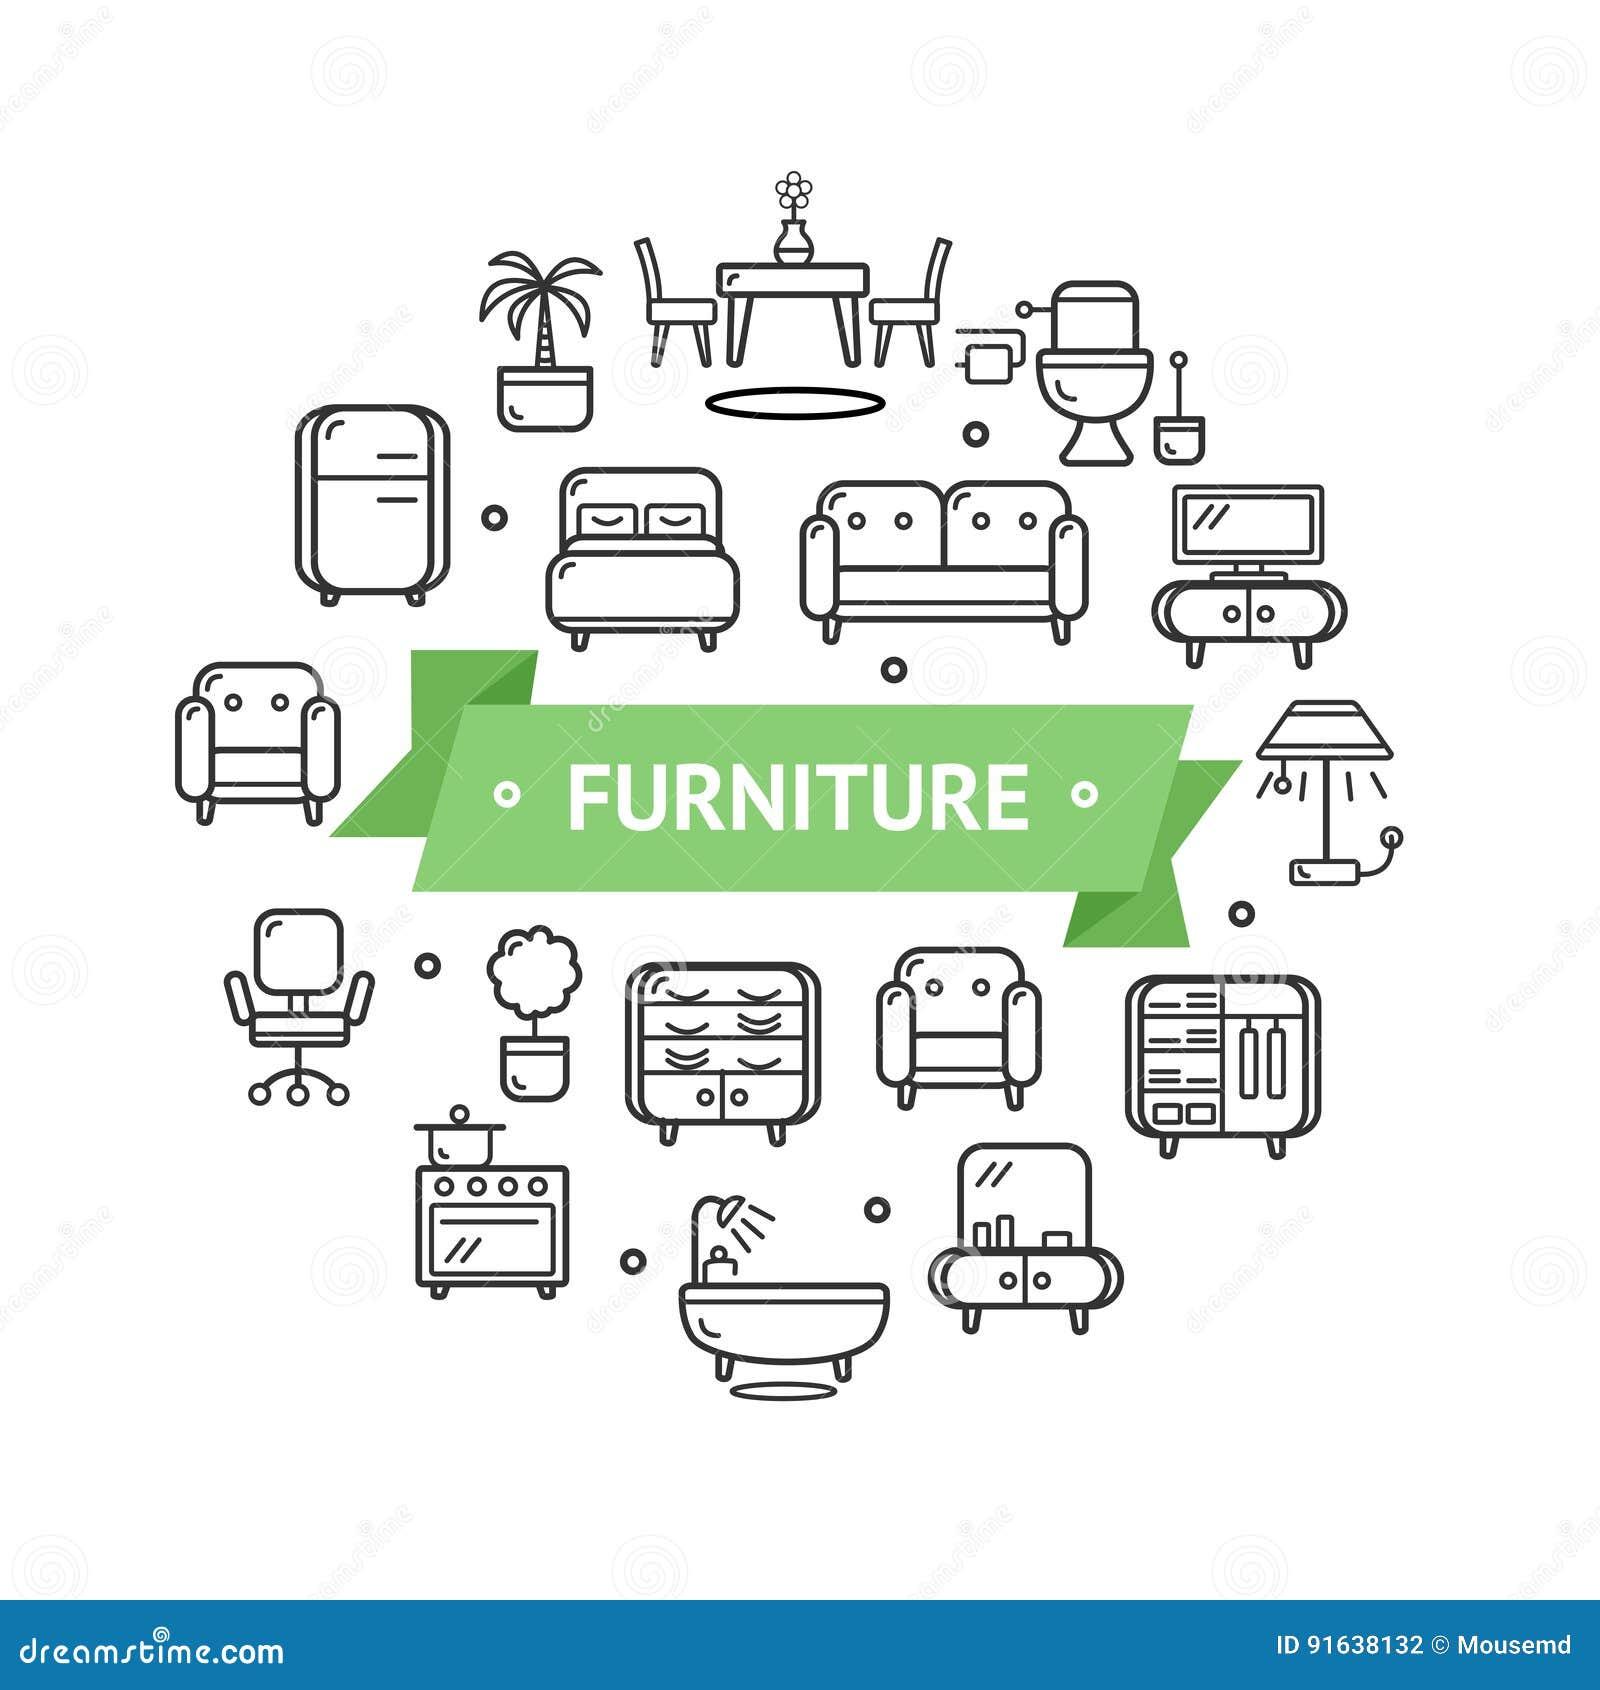 Furniture round design template thin line icon concept for Interior design web app